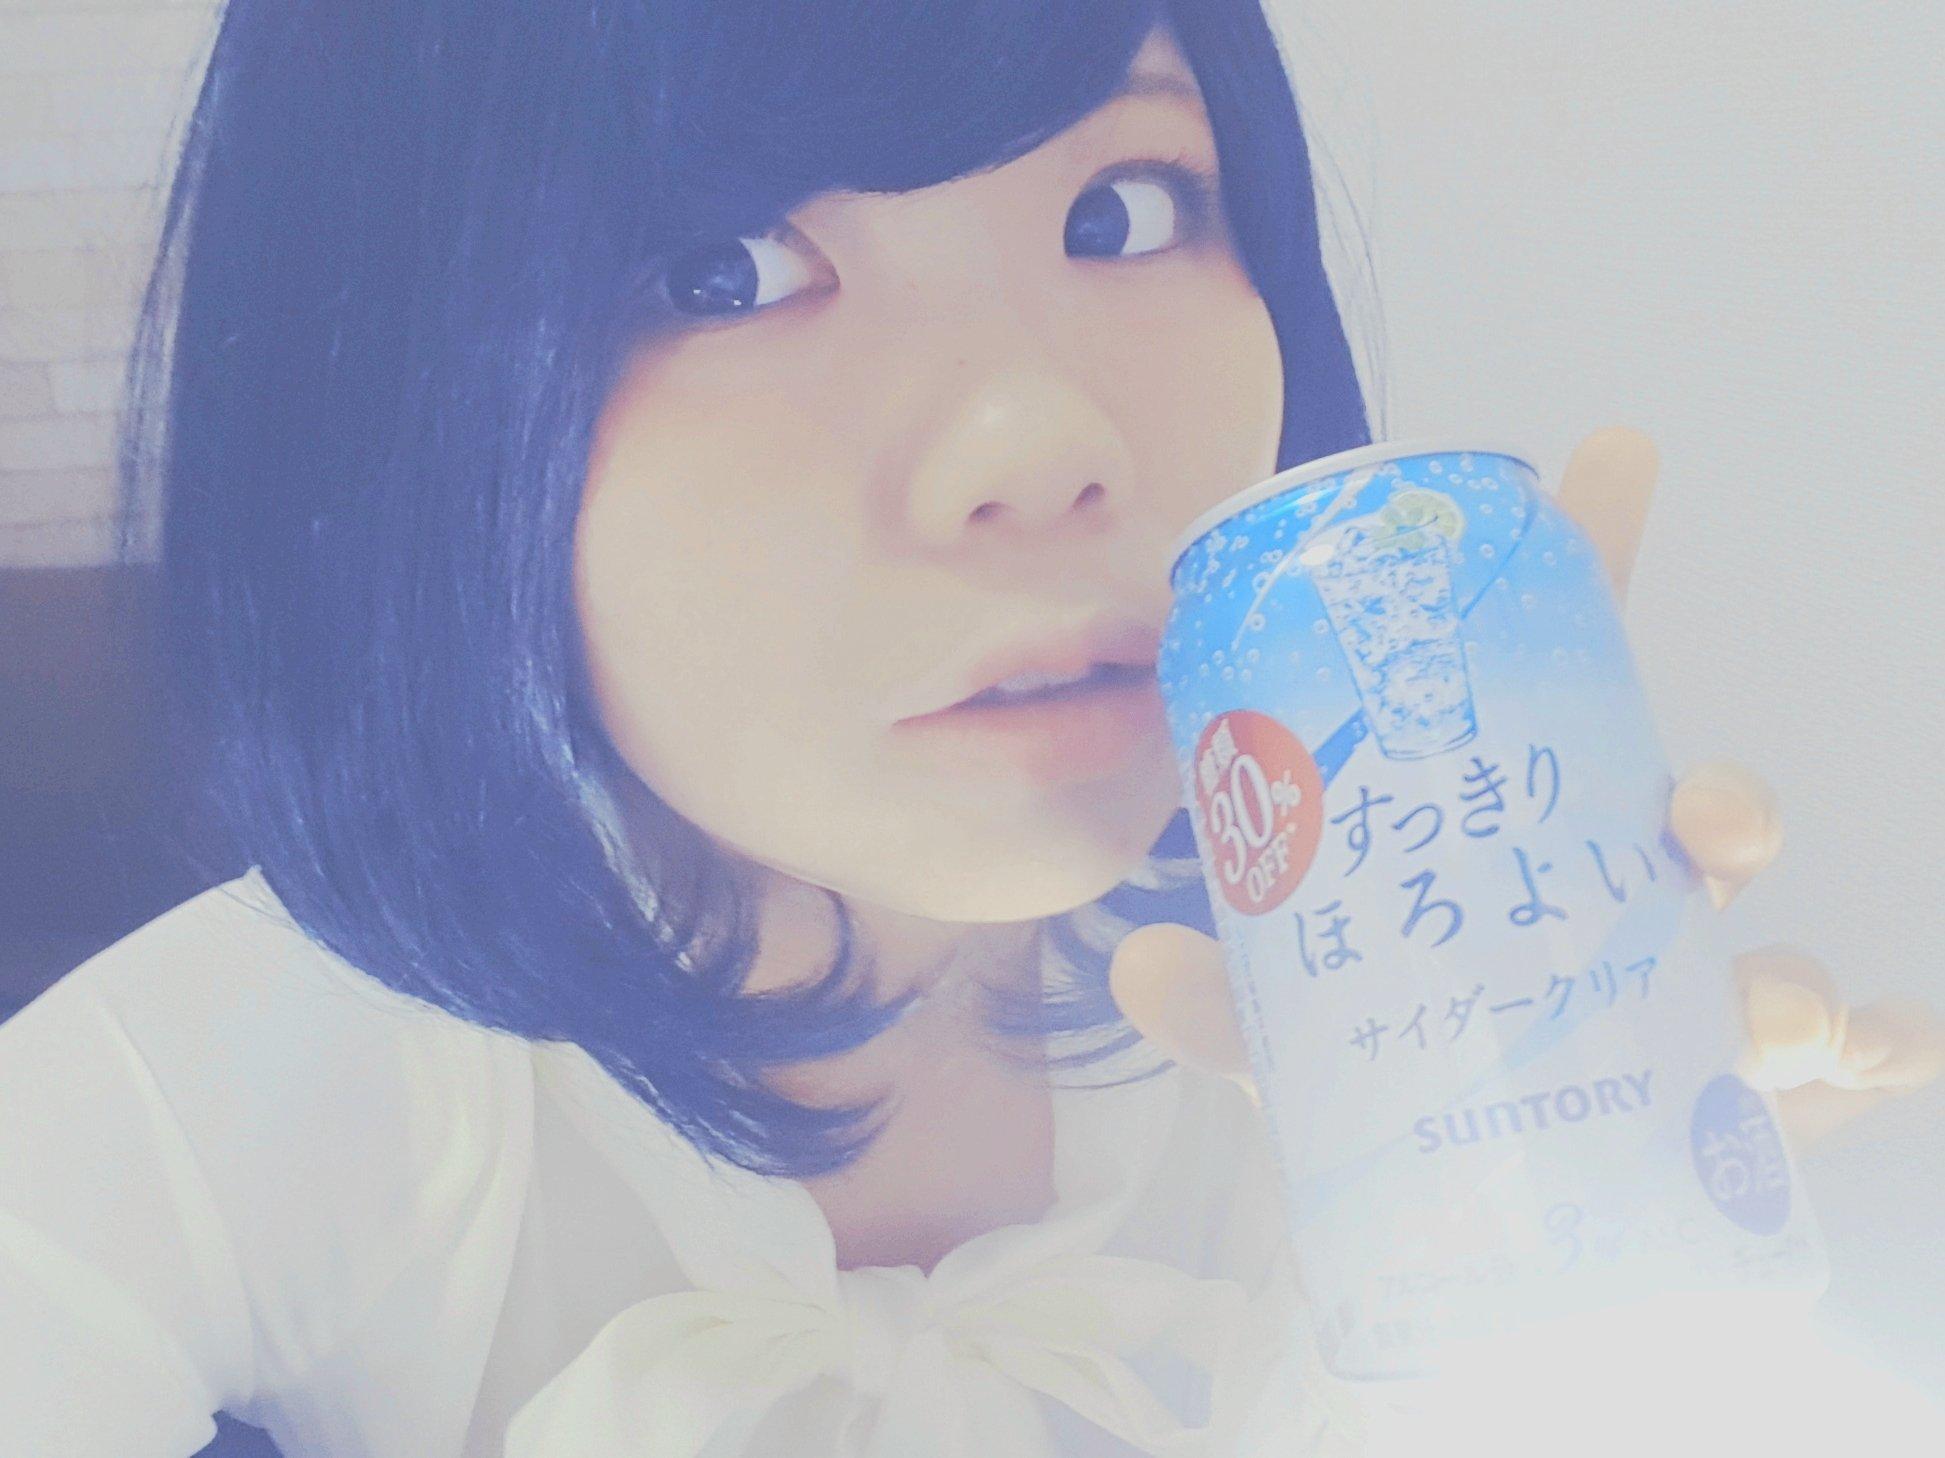 今日はお酒買ってしまった…‼日本酒が好きなんだけど、こ…